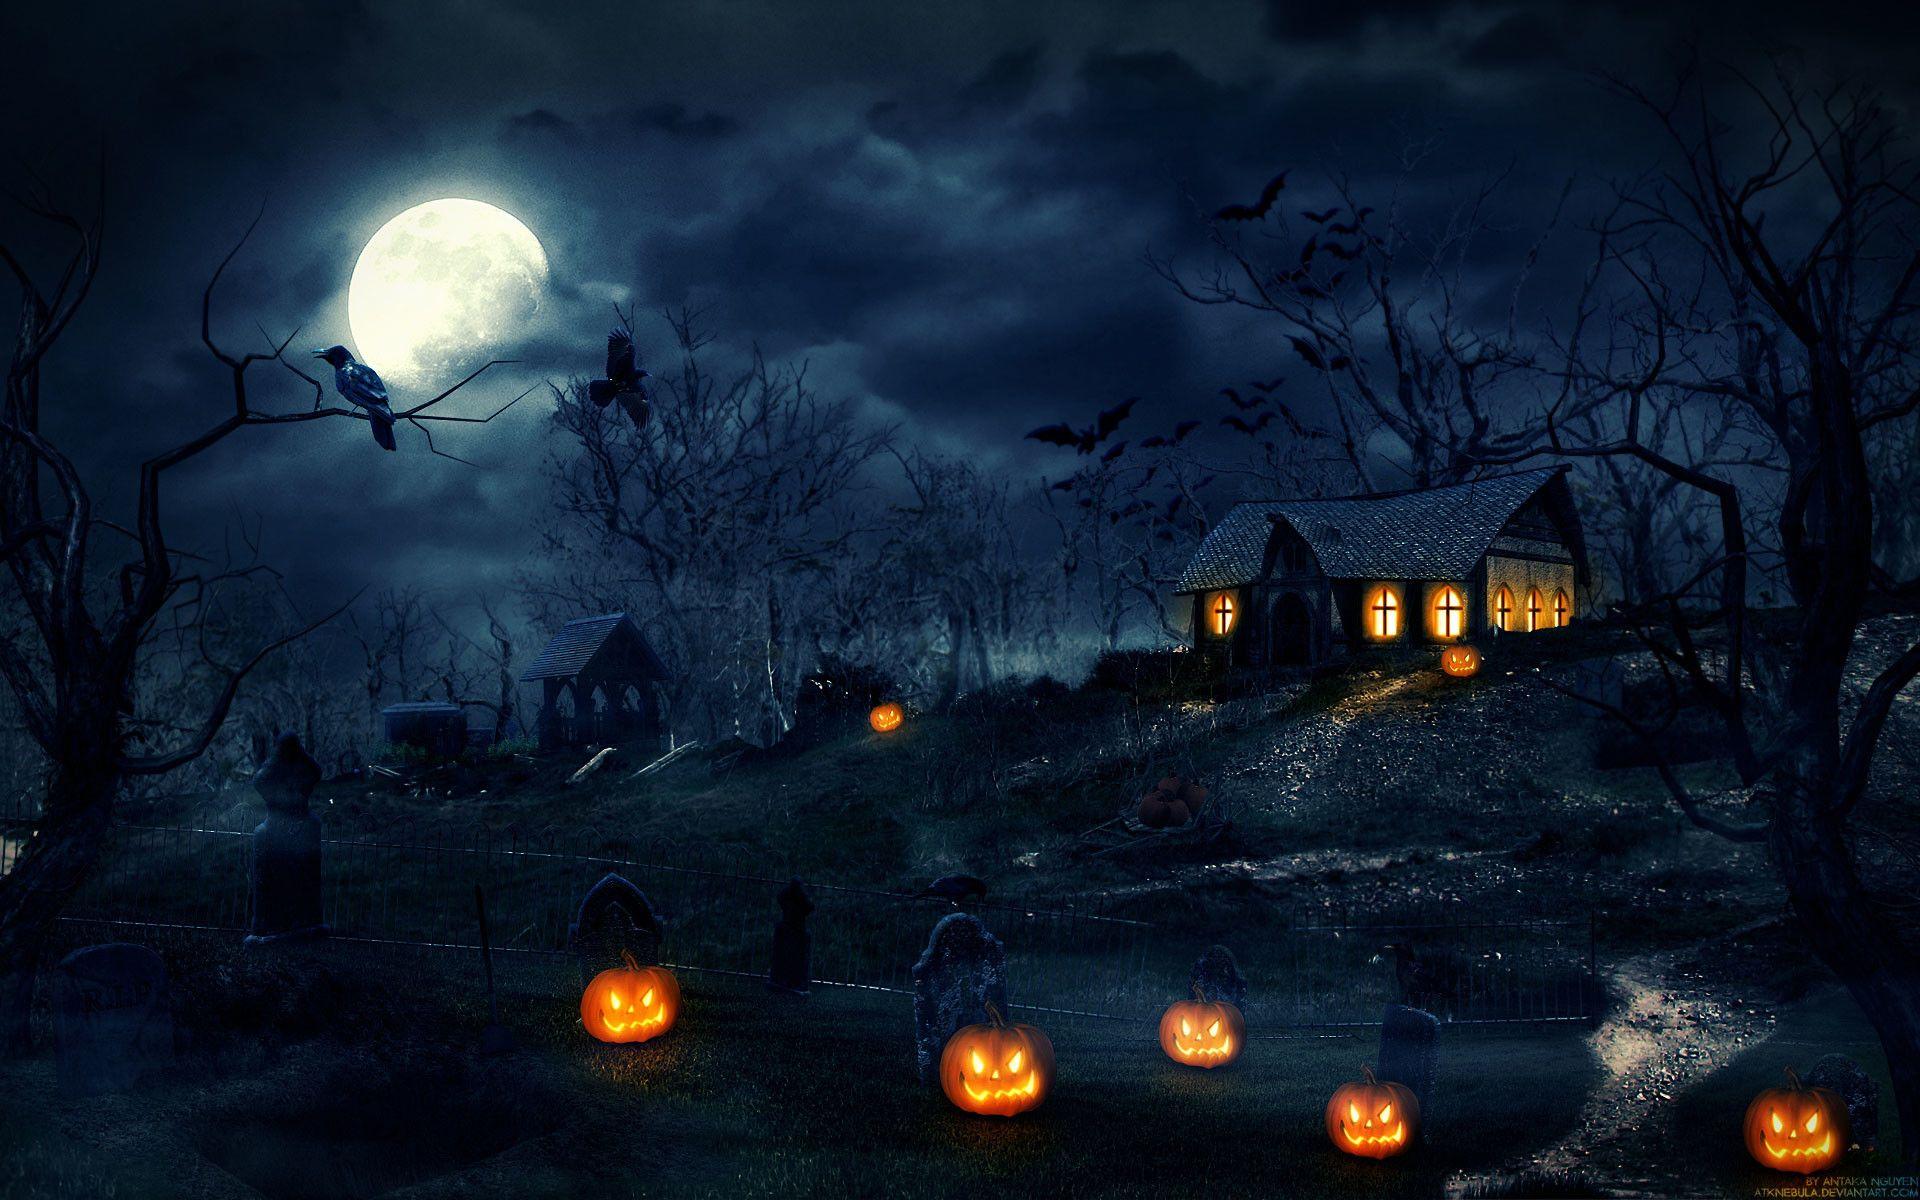 Res 1920x1200 Halloween Wallpaper Widescreen Halloween Wallpaper Backgrounds Halloween Wallpaper Halloween Backgrounds